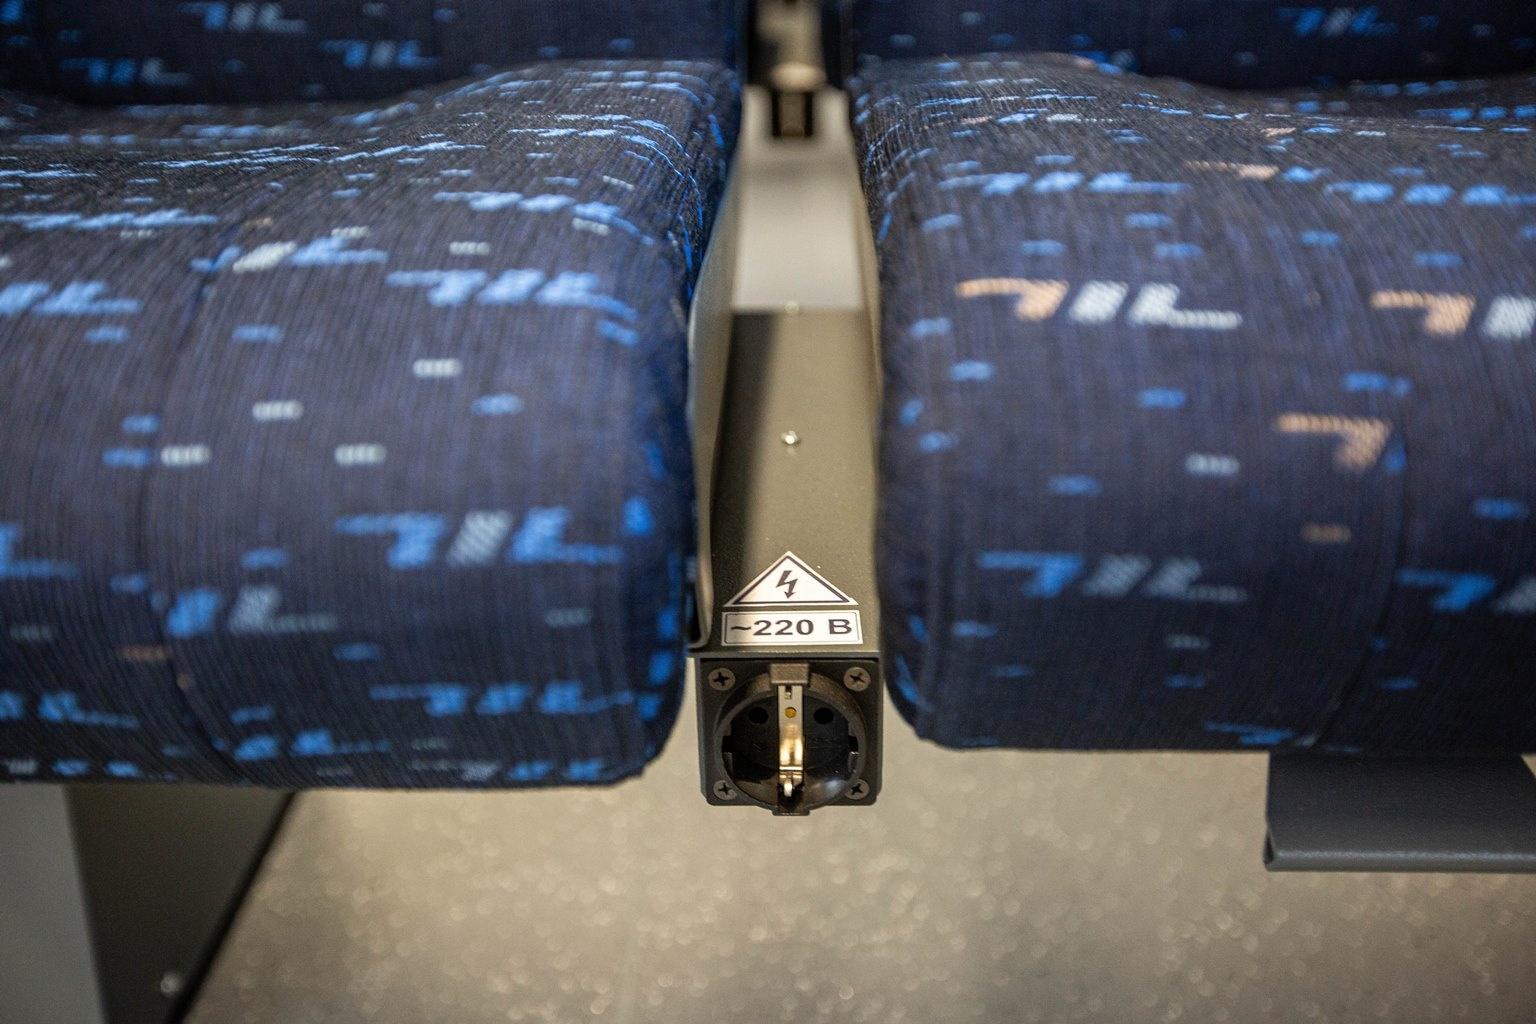 У каждого места есть и розетка на 220 вольт, а в салоне предусмотрен Wi-Fi и кондиционер. Вообще, специальные климатические установки есть по всему поезду, в том числе обогрев окон в холодные времена года